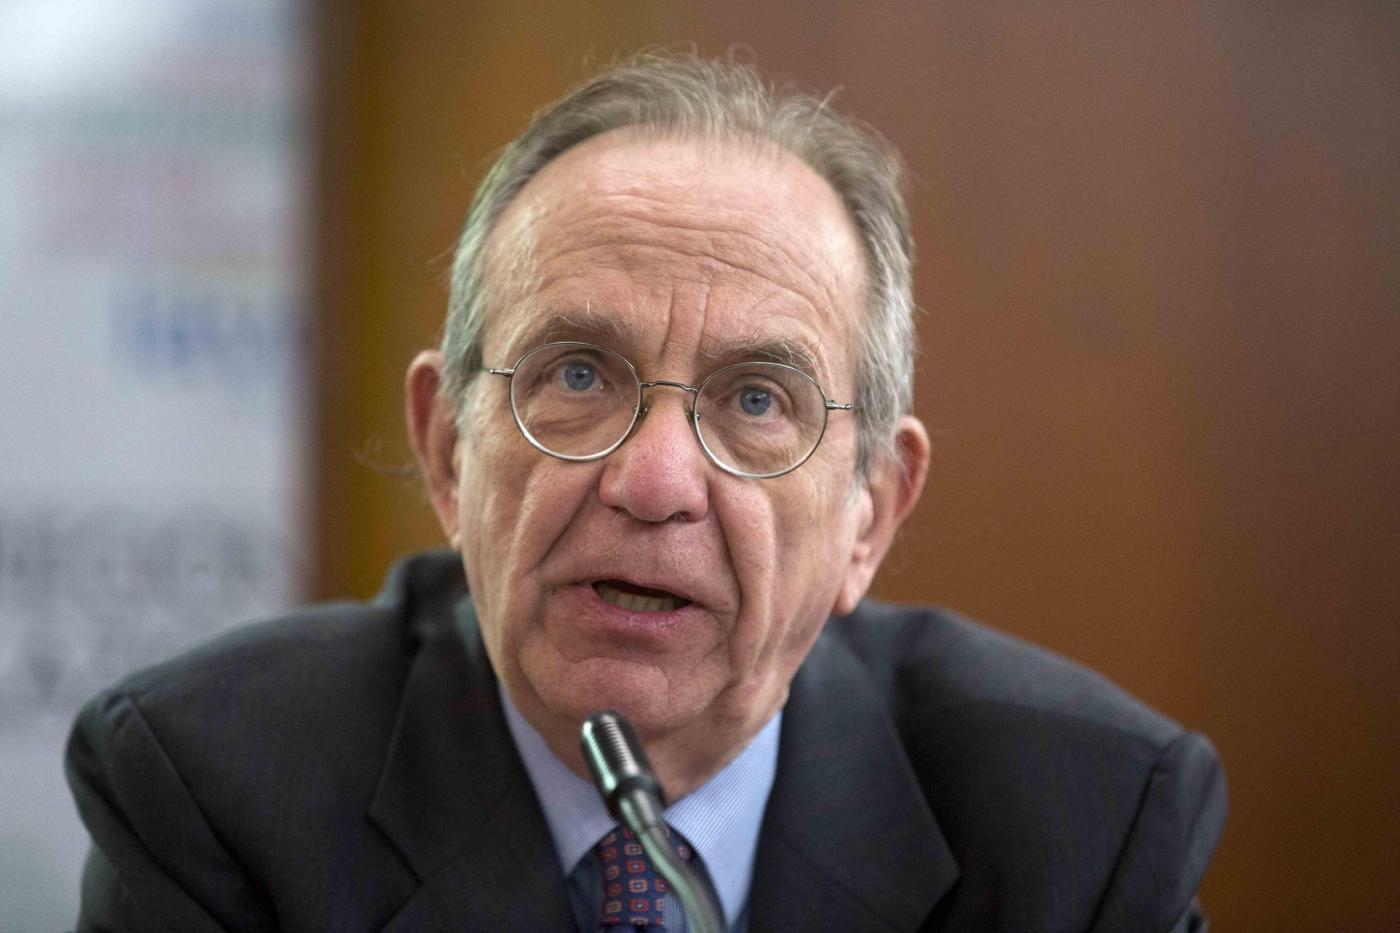 Pensioni, Boeri lancia l'allarme: 'I nati nel 1980 in pensione a 75 anni'